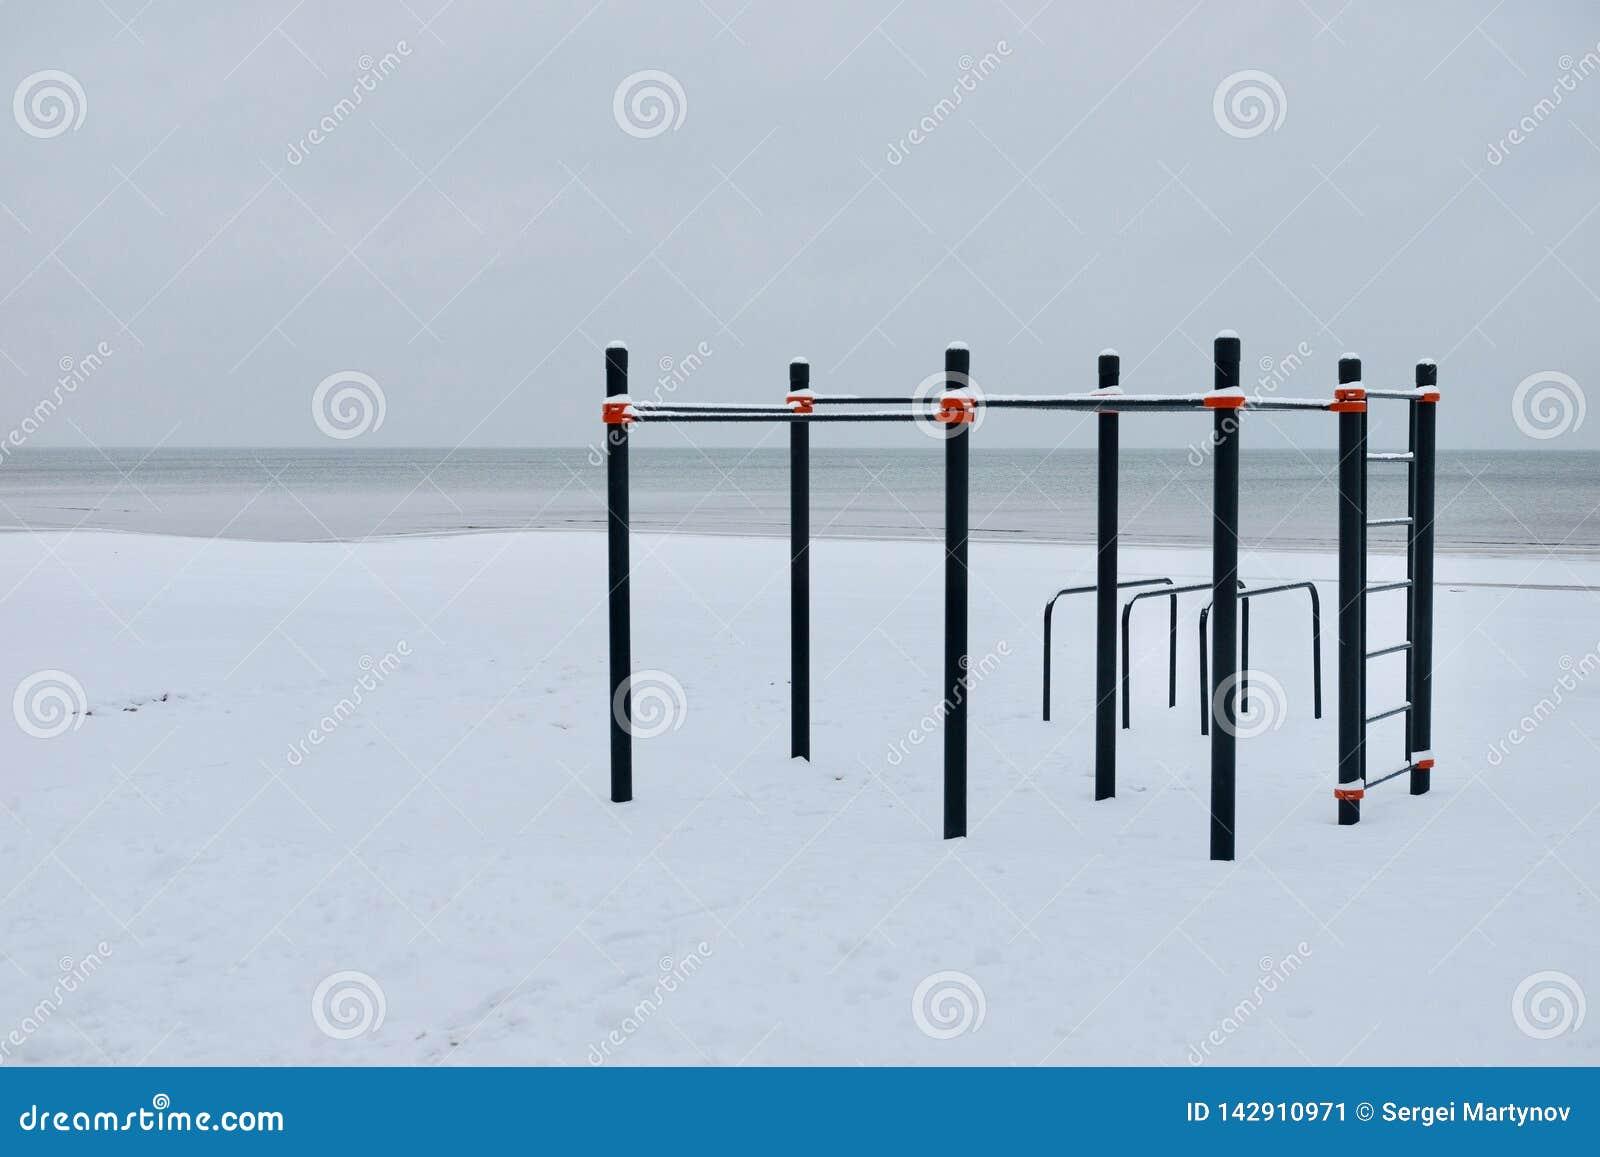 Место разминки в зиме на взморье